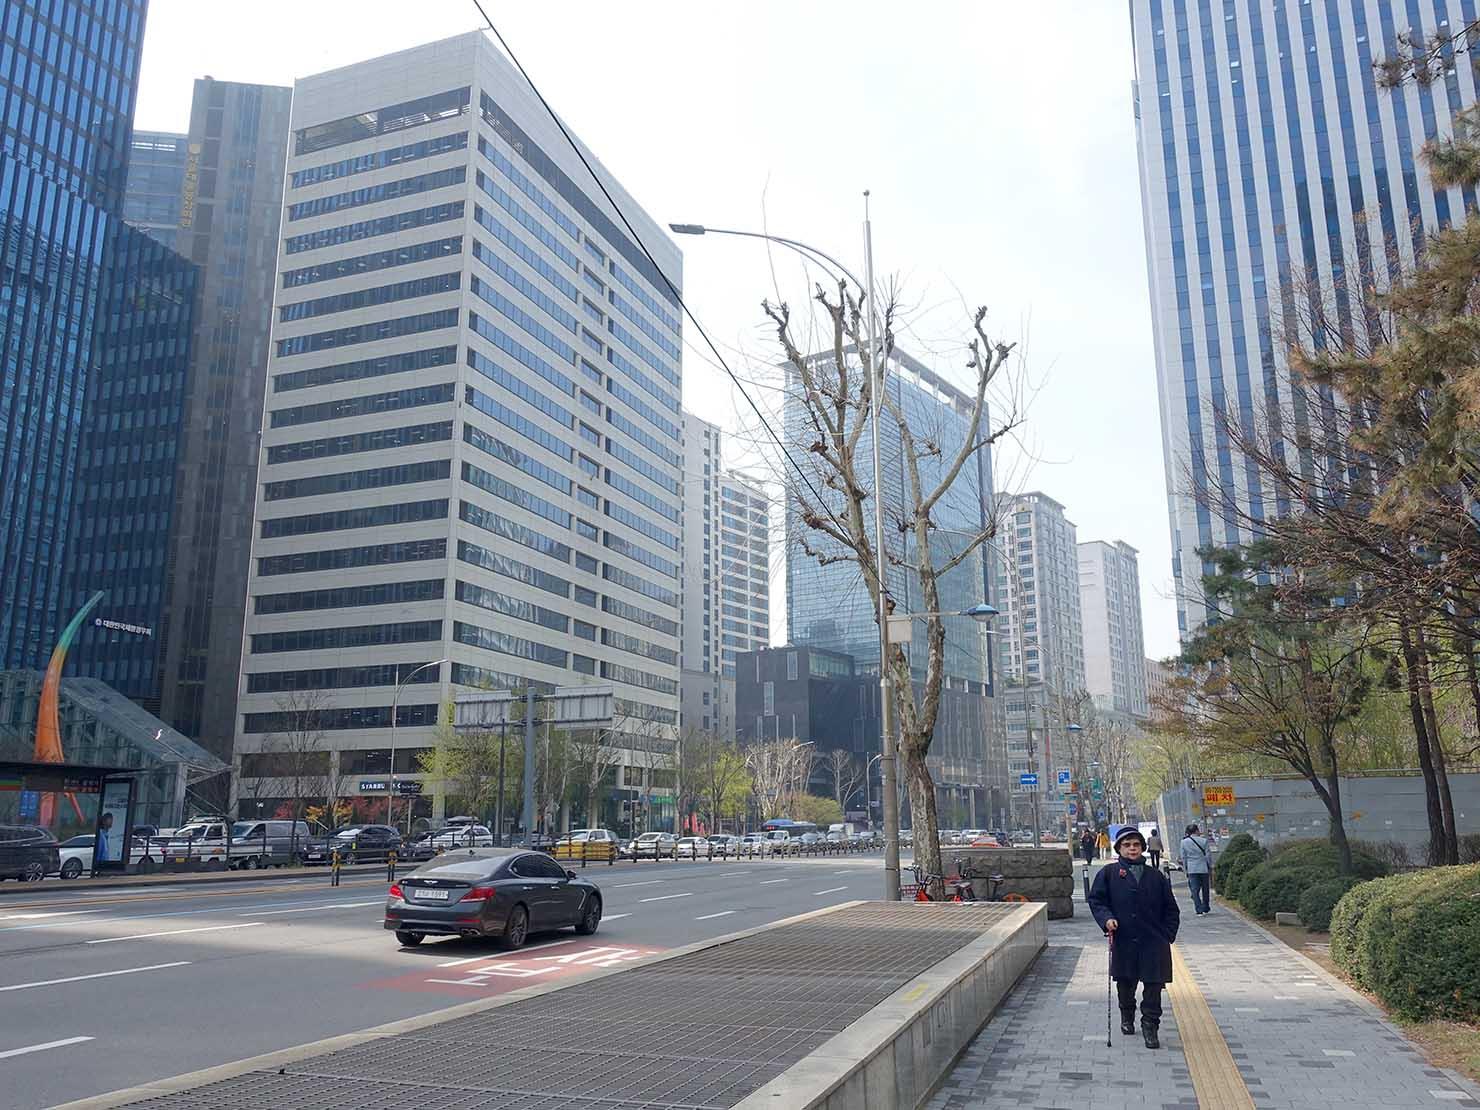 ソウル・孔德(공덕/コンドク)駅前の麻浦大路